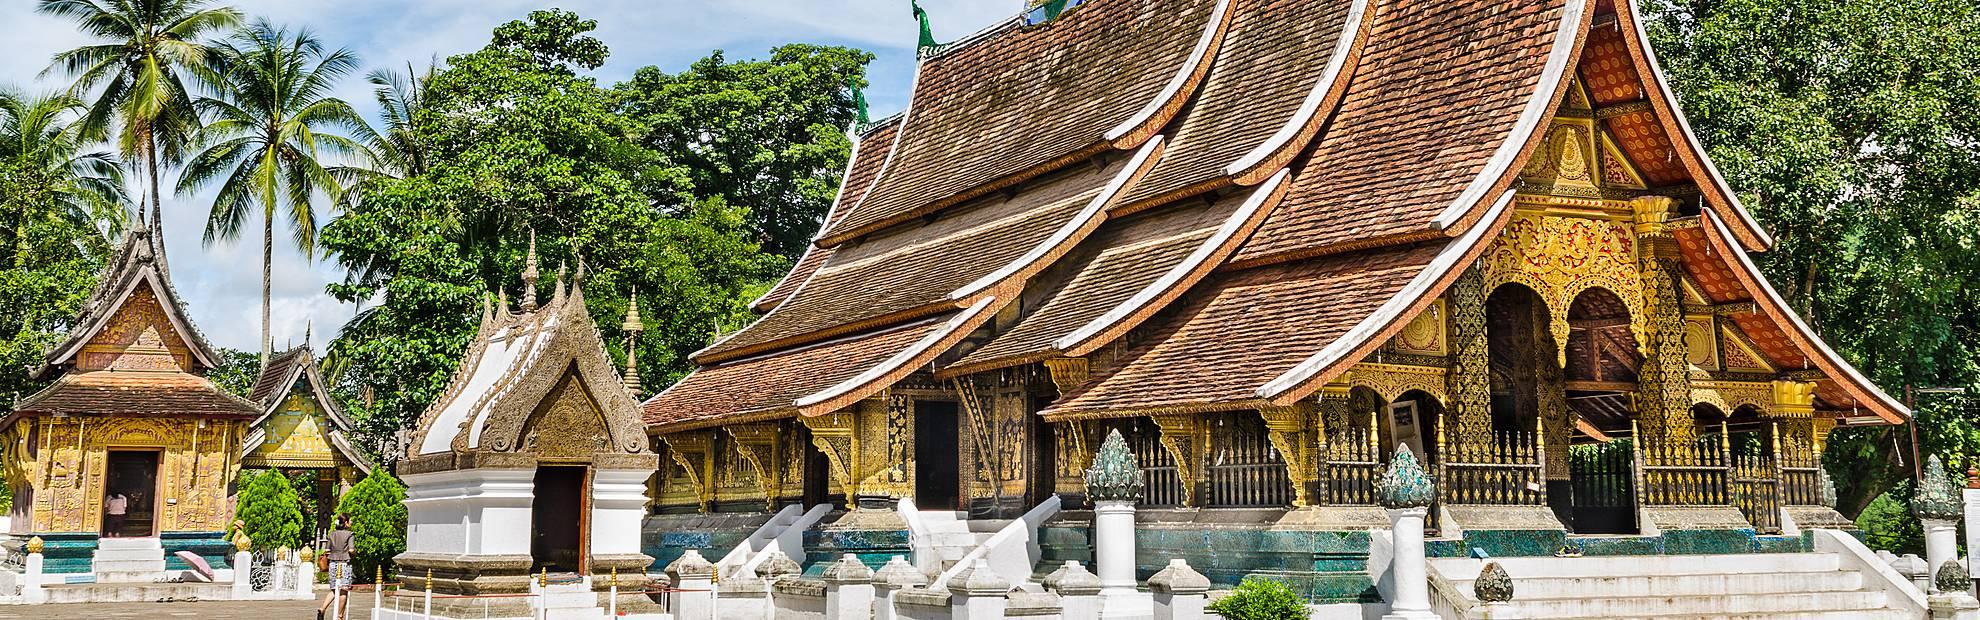 Laos vacations